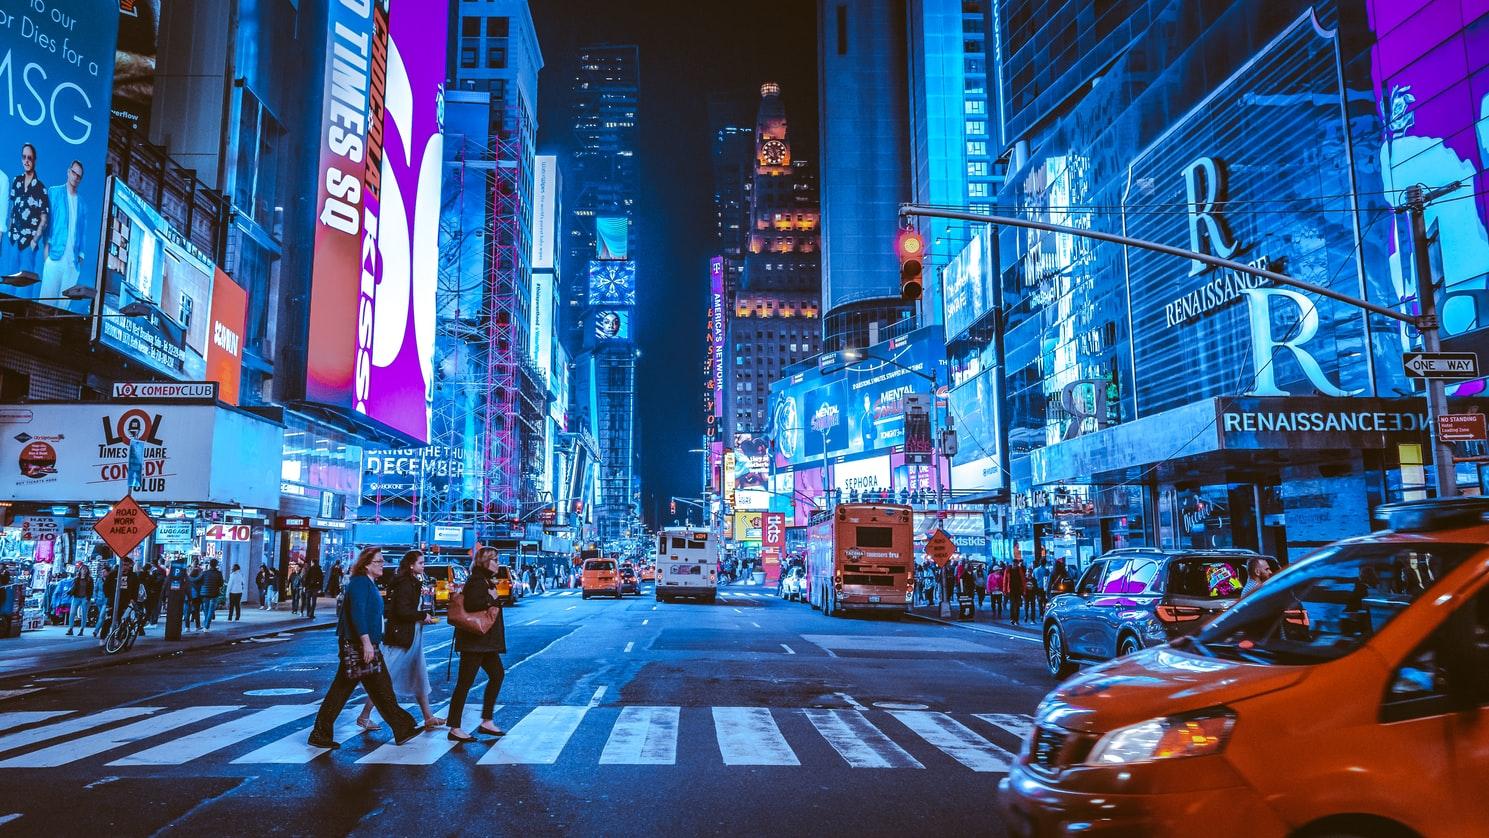 تكاليف المعيشة في نيويورك للطلاب الدوليين